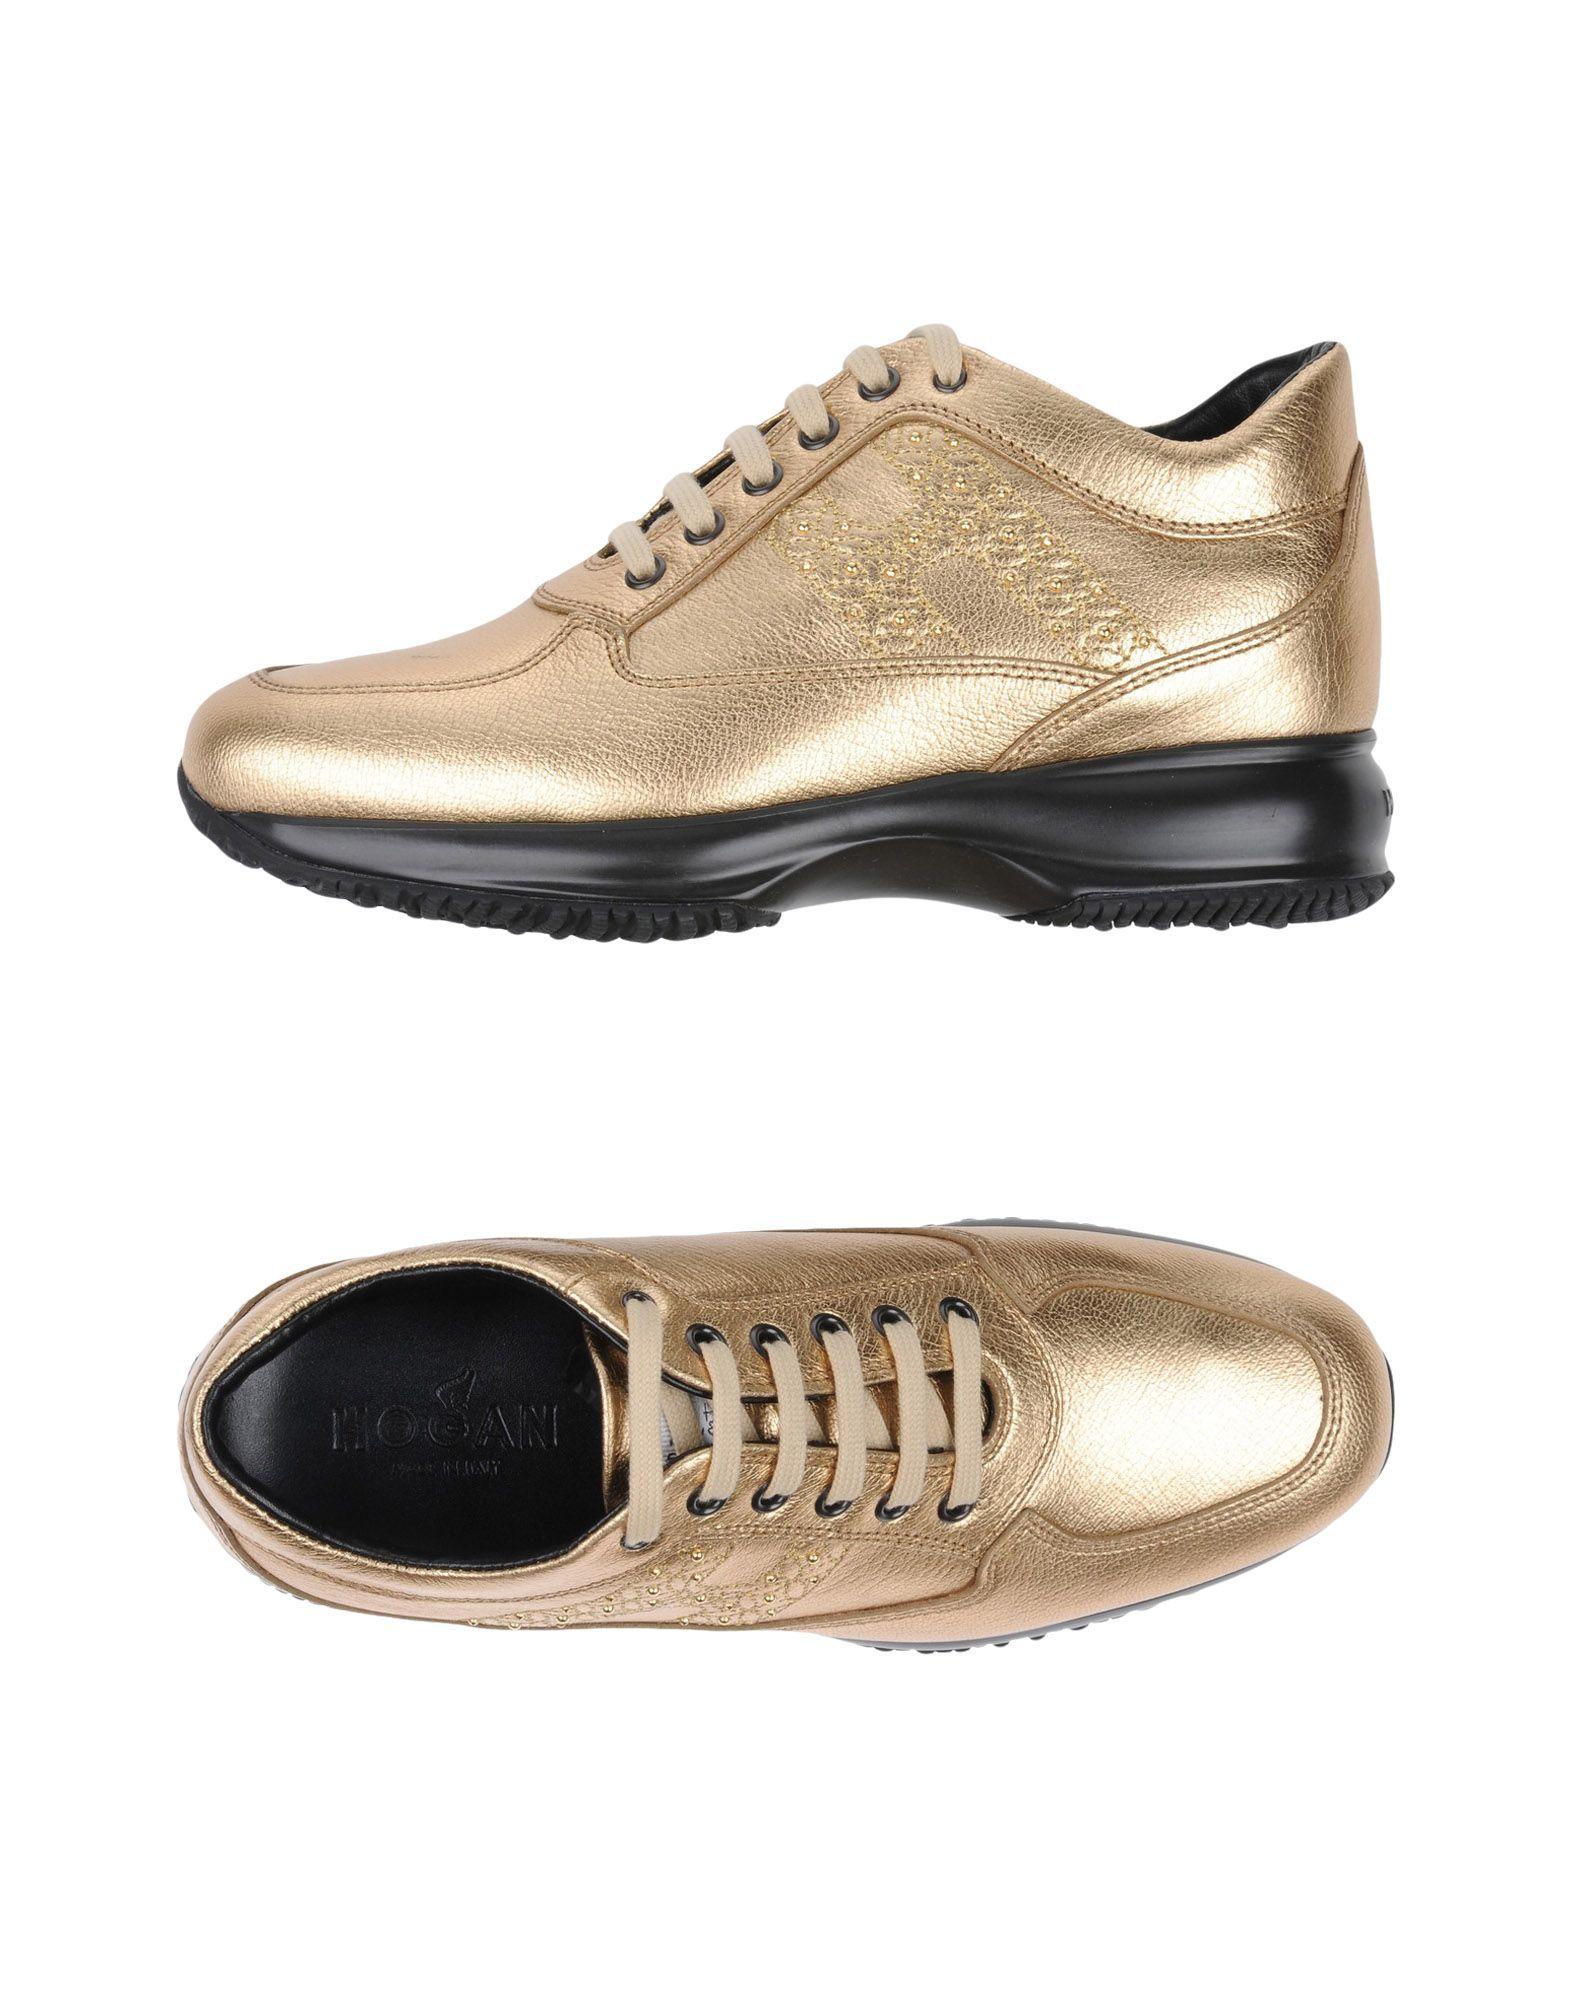 Los últimos zapatos mujeres de descuento para hombres y mujeres zapatos Zapatillas Hogan Mujer - Zapatillas Hogan  Oro 301706